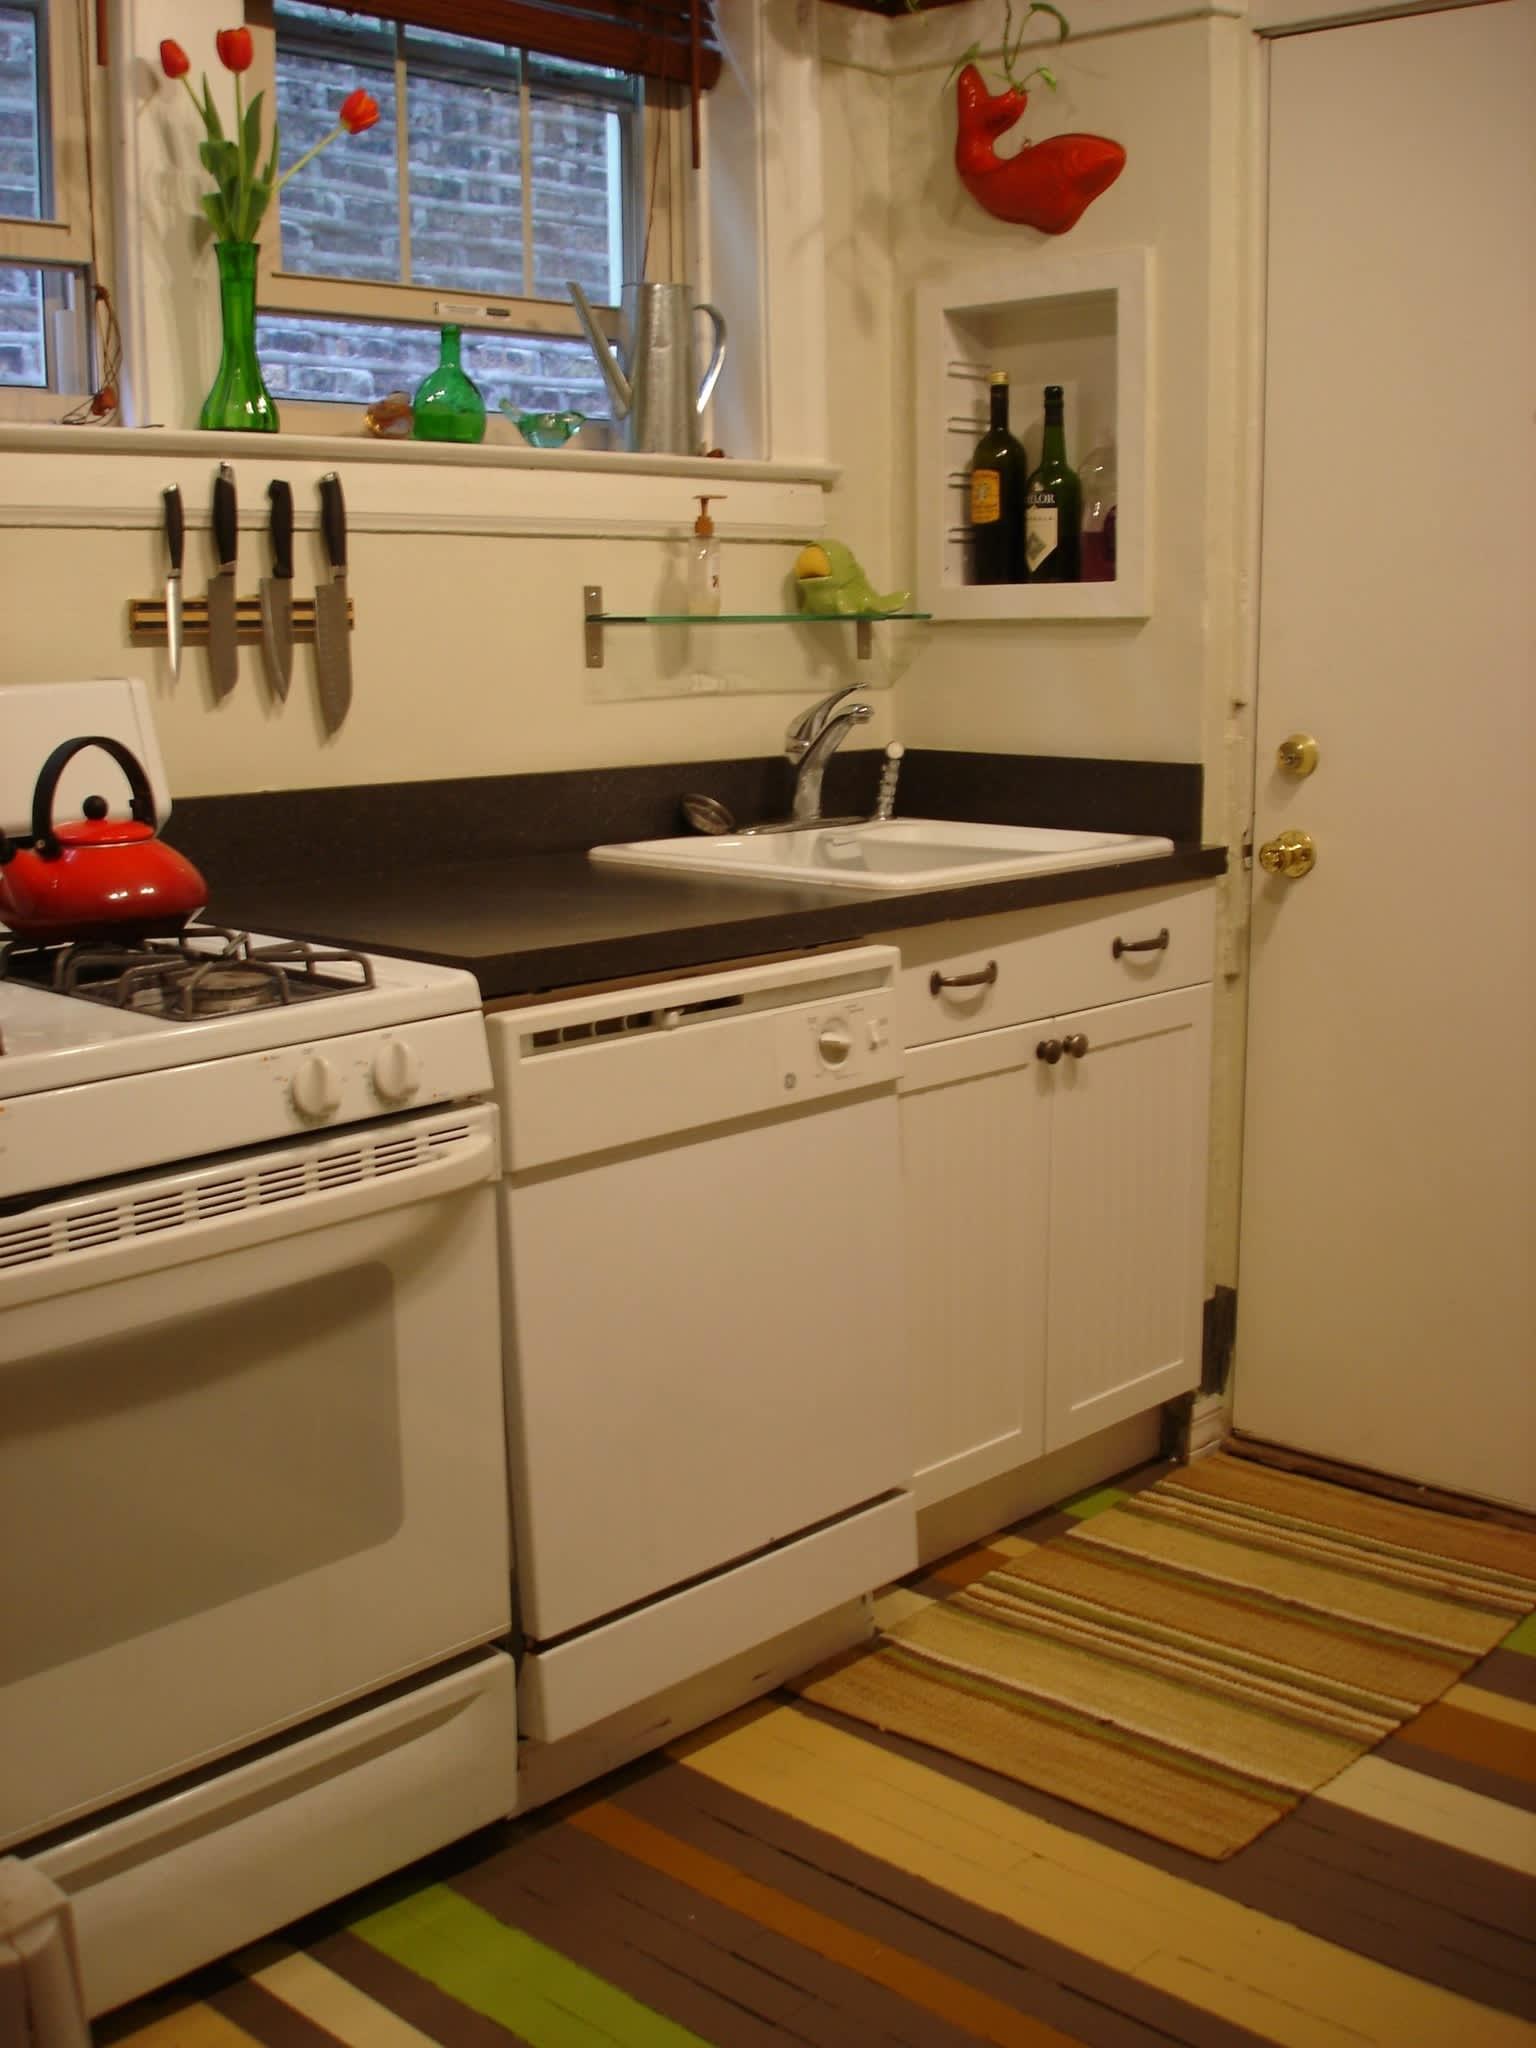 Alex's Cheery Chicago Kitchen: gallery image 1